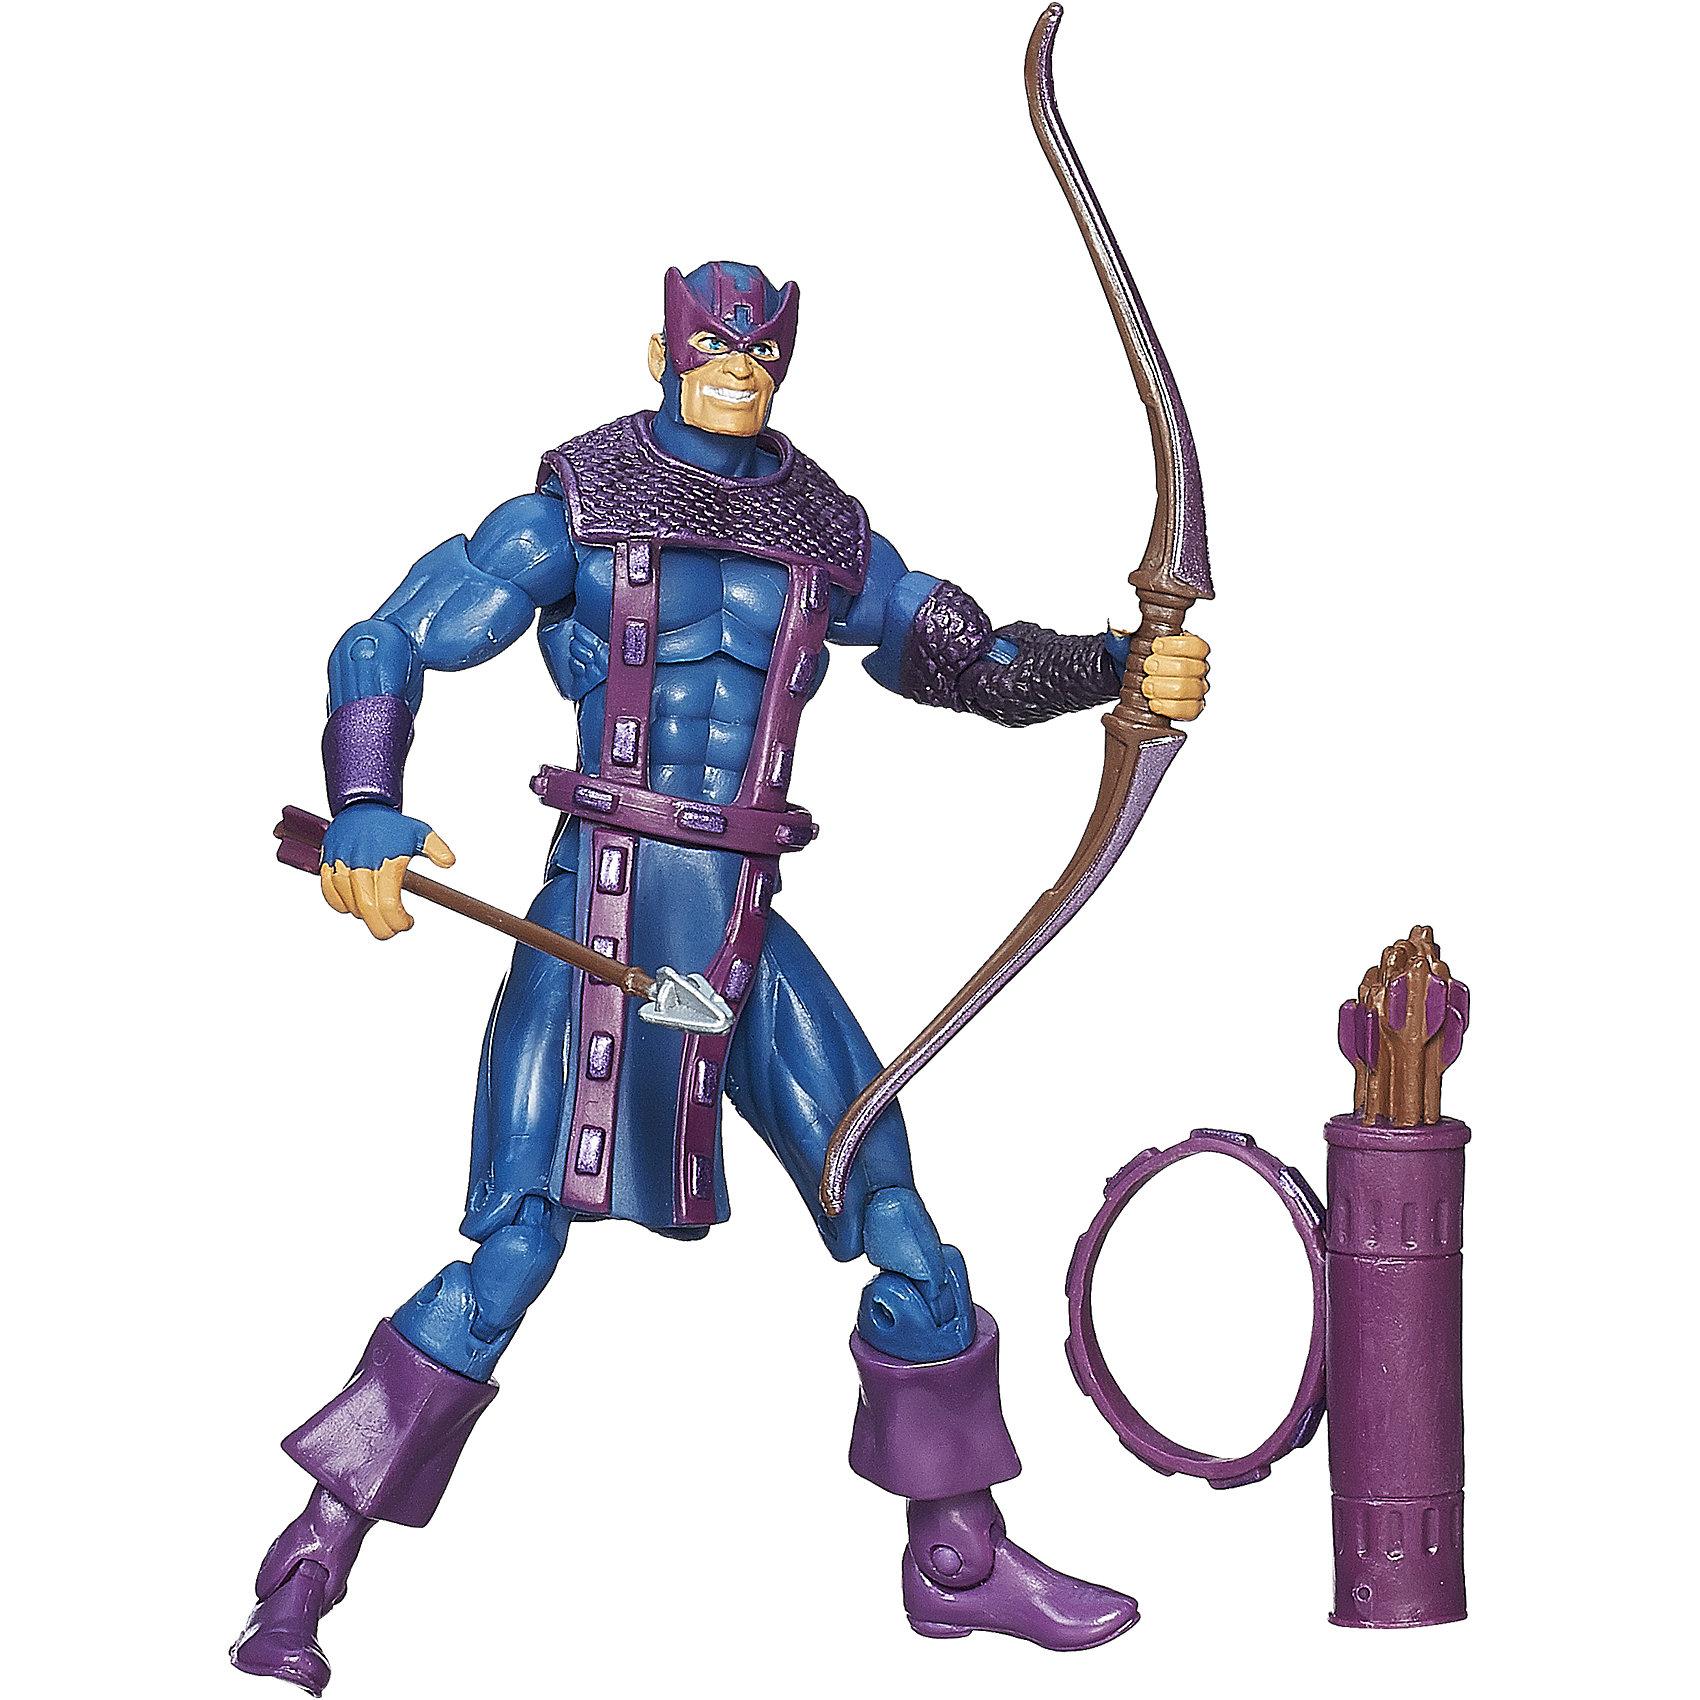 Коллекционная фигурка Марвел- Соколиный глаз, 9,5 см, Marvel HeroesКоллекционные и игровые фигурки<br>Эта коллекционная фигурка приведет в восторг любого мальчишку! Соколиный глаз — член команды мстителей и отменный стрелок. Он мастерски умеет пользоваться луком и арбалетом, а его великолепное зрение позволяет ему всегда попадать в цель. Собери все фигурки и устрой настоящую битву.<br><br>Дополнительная информация:<br><br>- Материал: пластик.<br>- Голова, ноги, руки фигурки подвижные.<br>- Размер: 9,5 см.<br><br>Коллекционную фигурку Марвел - Соколиный глаз, 9,5 см, Marvel Heroes, можно купить в нашем магазине.<br><br>Ширина мм: 51<br>Глубина мм: 121<br>Высота мм: 229<br>Вес г: 150<br>Возраст от месяцев: 48<br>Возраст до месяцев: 144<br>Пол: Мужской<br>Возраст: Детский<br>SKU: 4175042